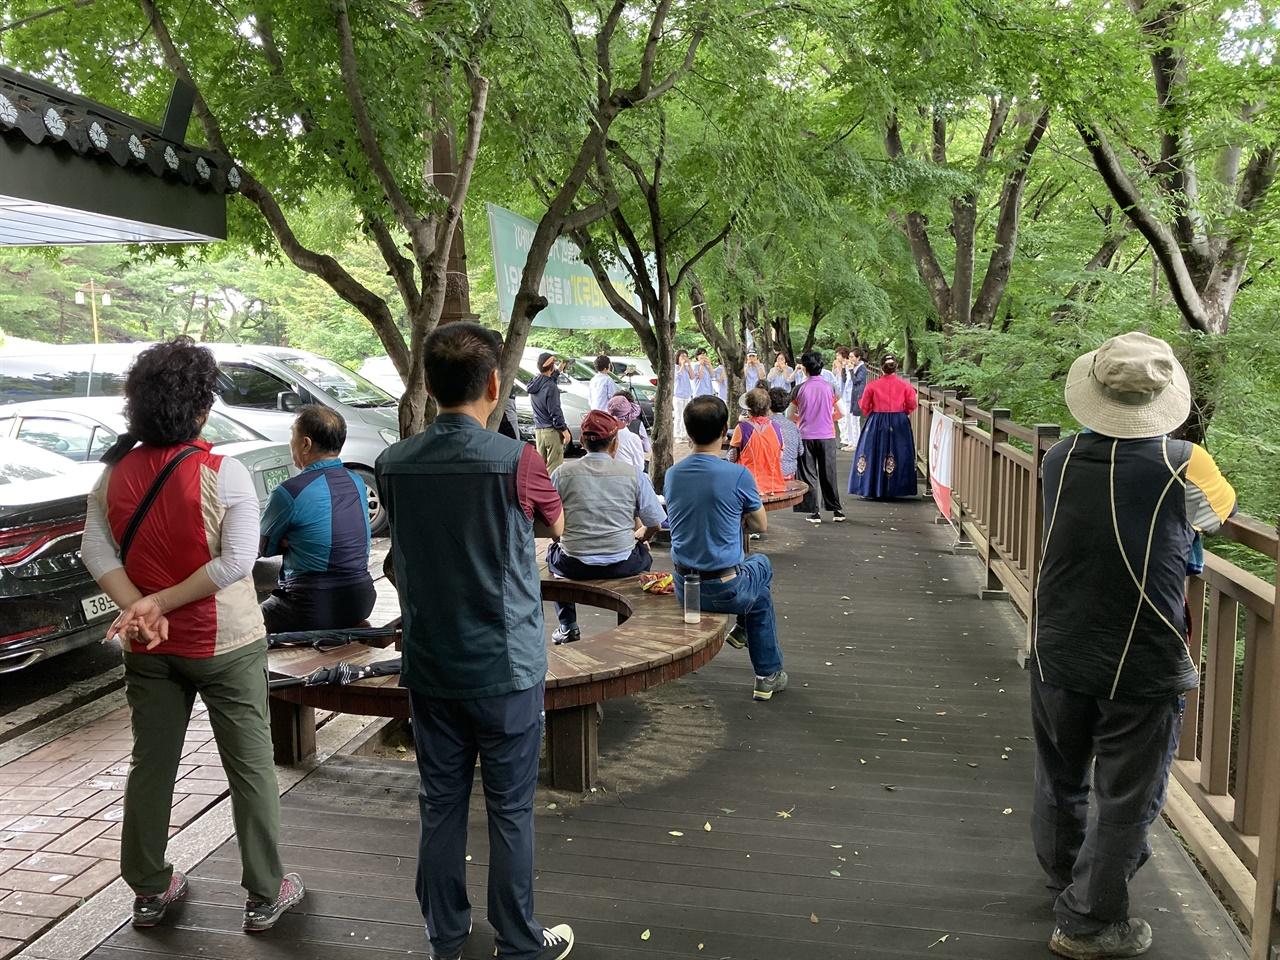 경주 황성동 주민자치센터 아르페지오 연주단 공연 모습을 지켜보는 시민들